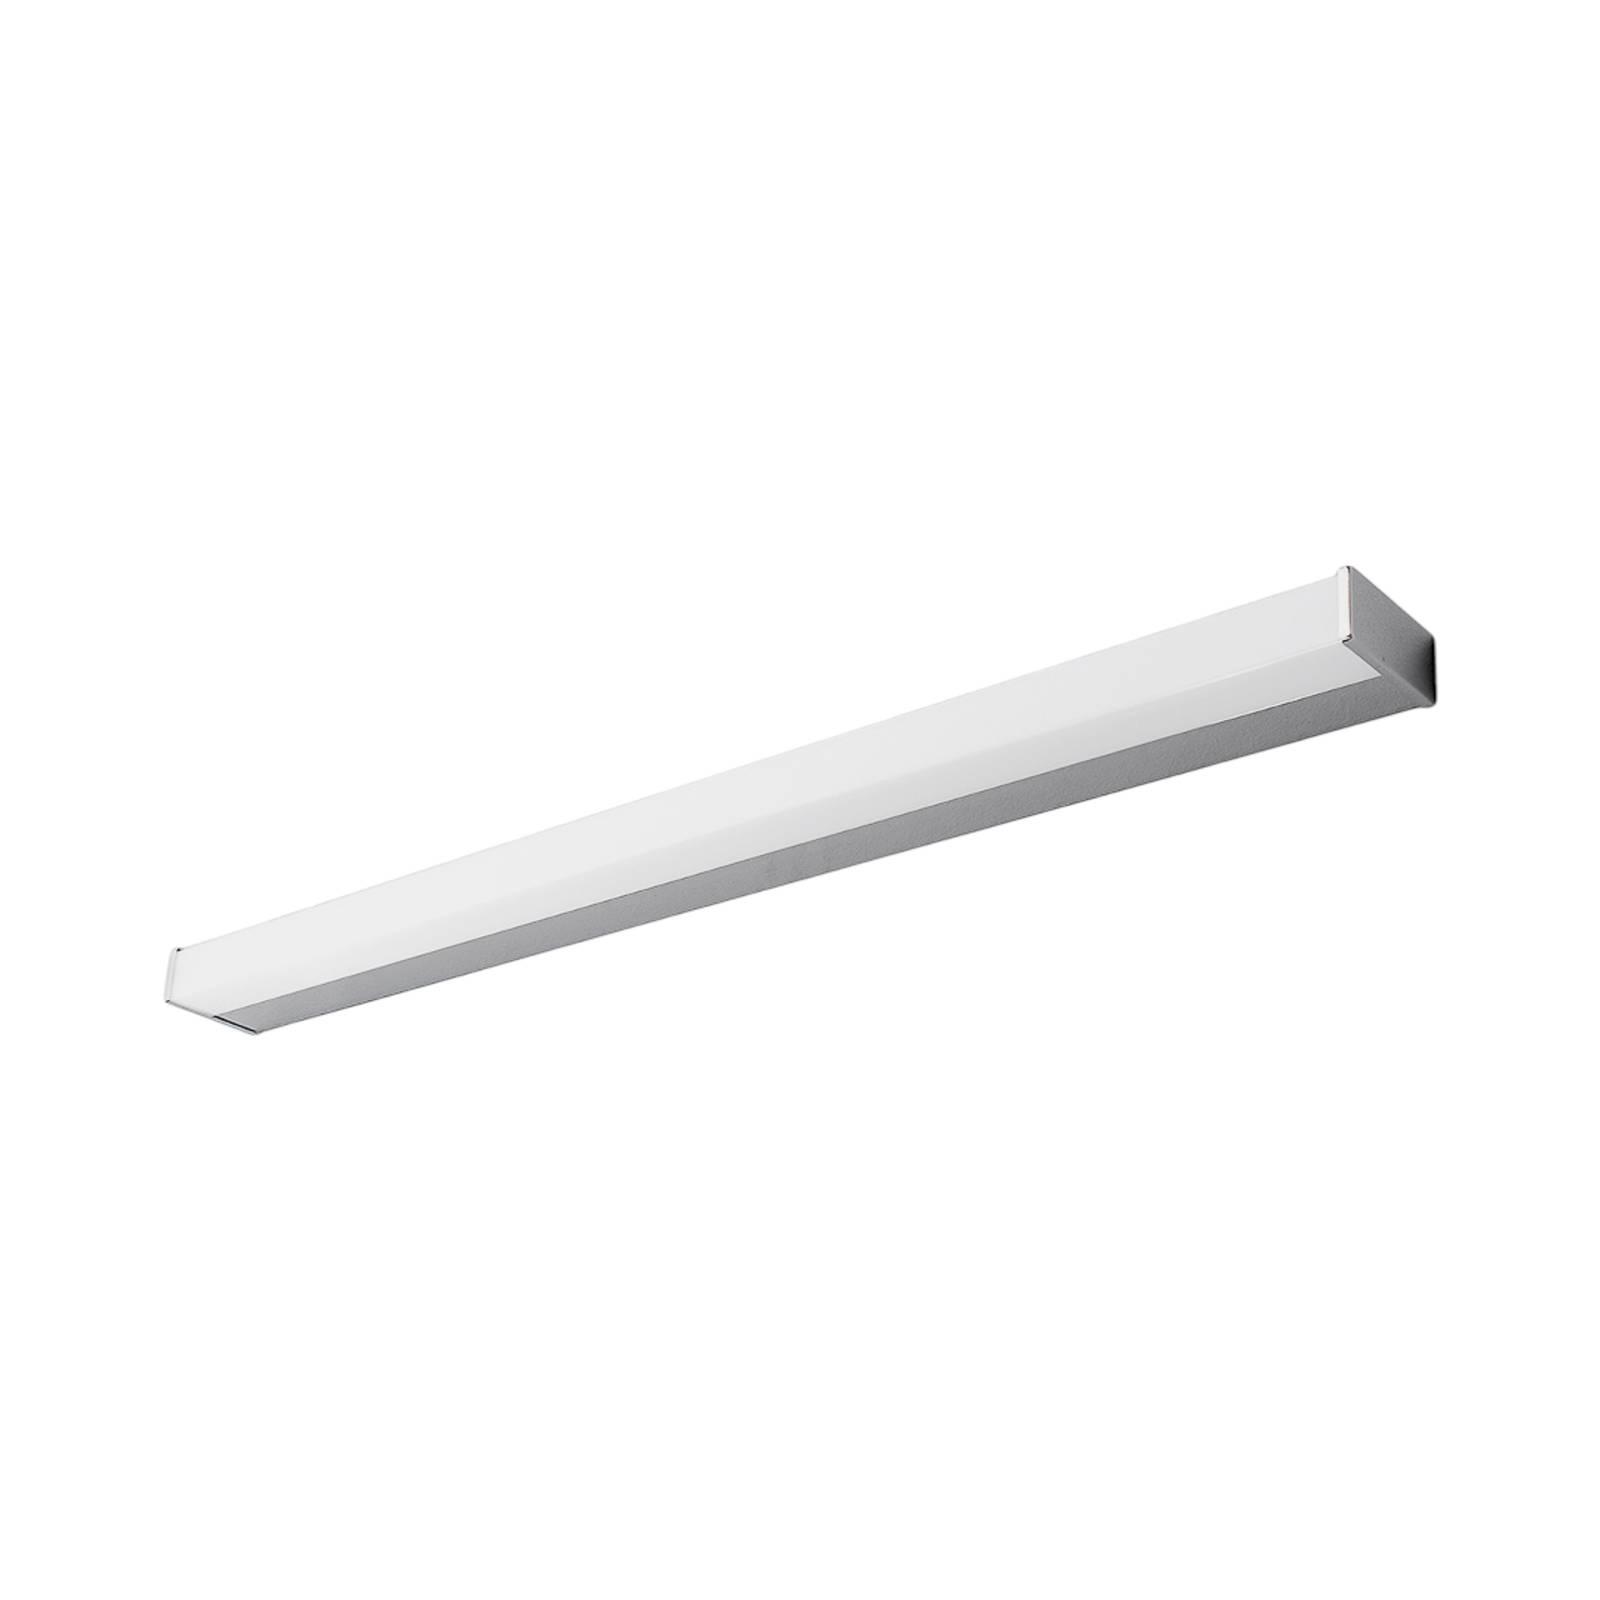 wandlampen f r das bad von und andere badlampen f r badezimmer online kaufen bei. Black Bedroom Furniture Sets. Home Design Ideas